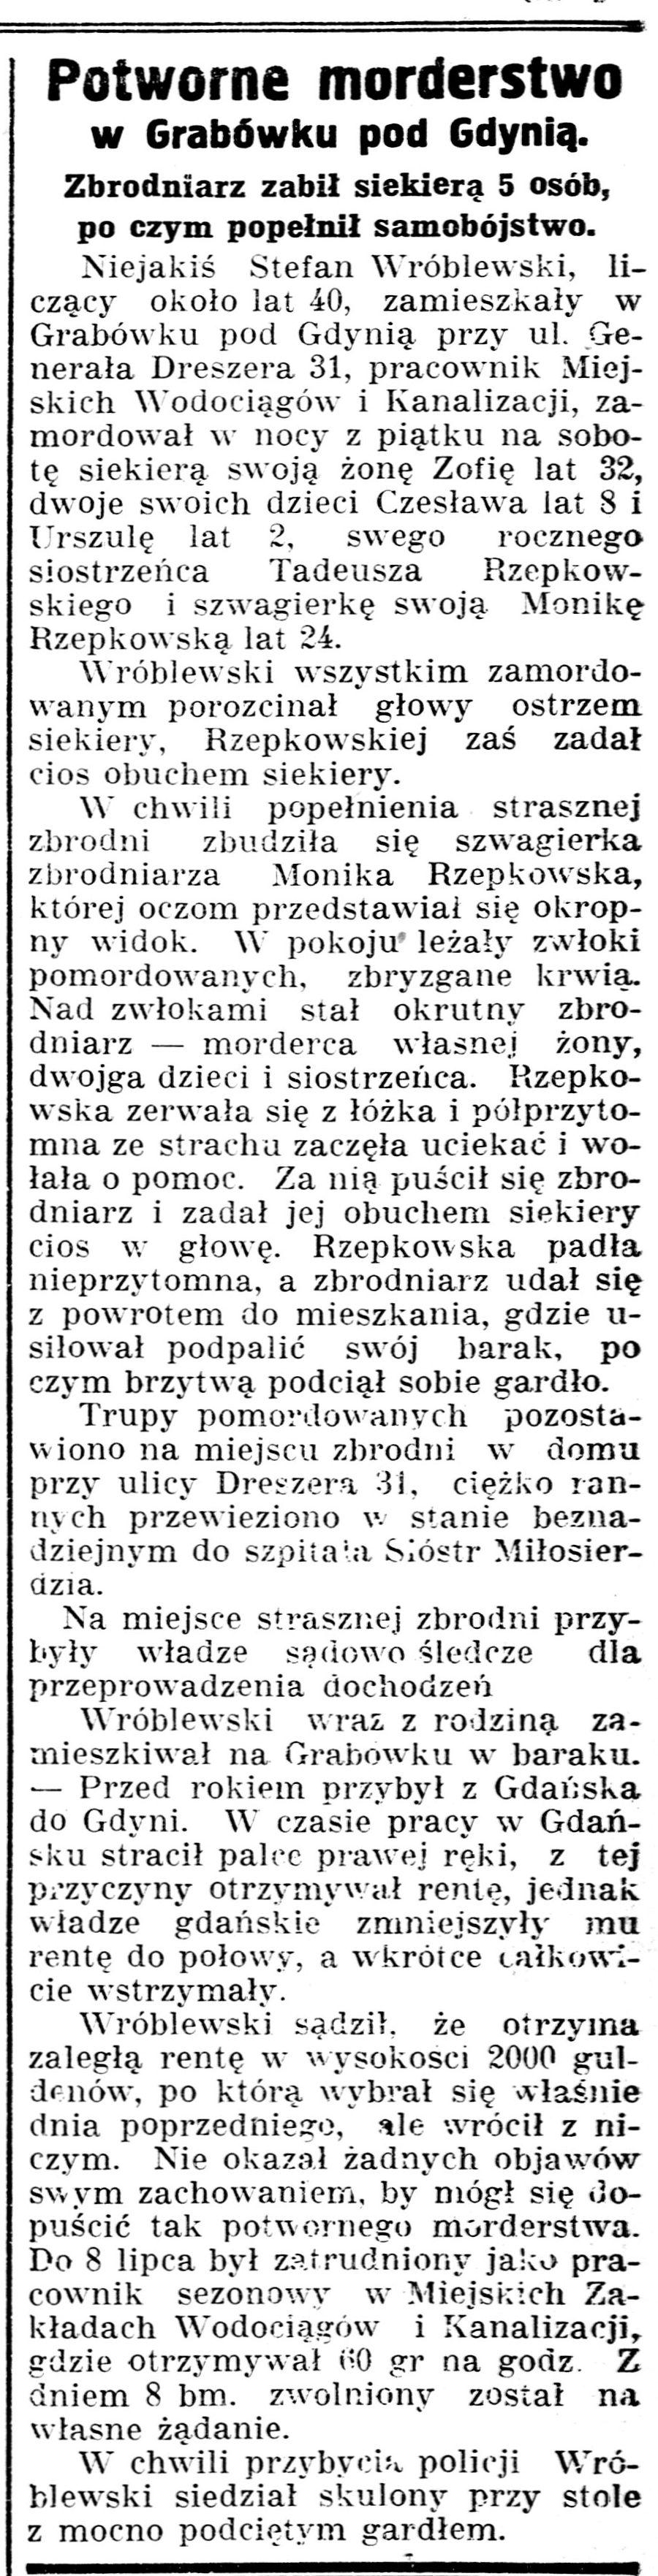 Bandera Polska na wodach Bałtyku. Po rozpoczęciu sezonu wycieczek morskich